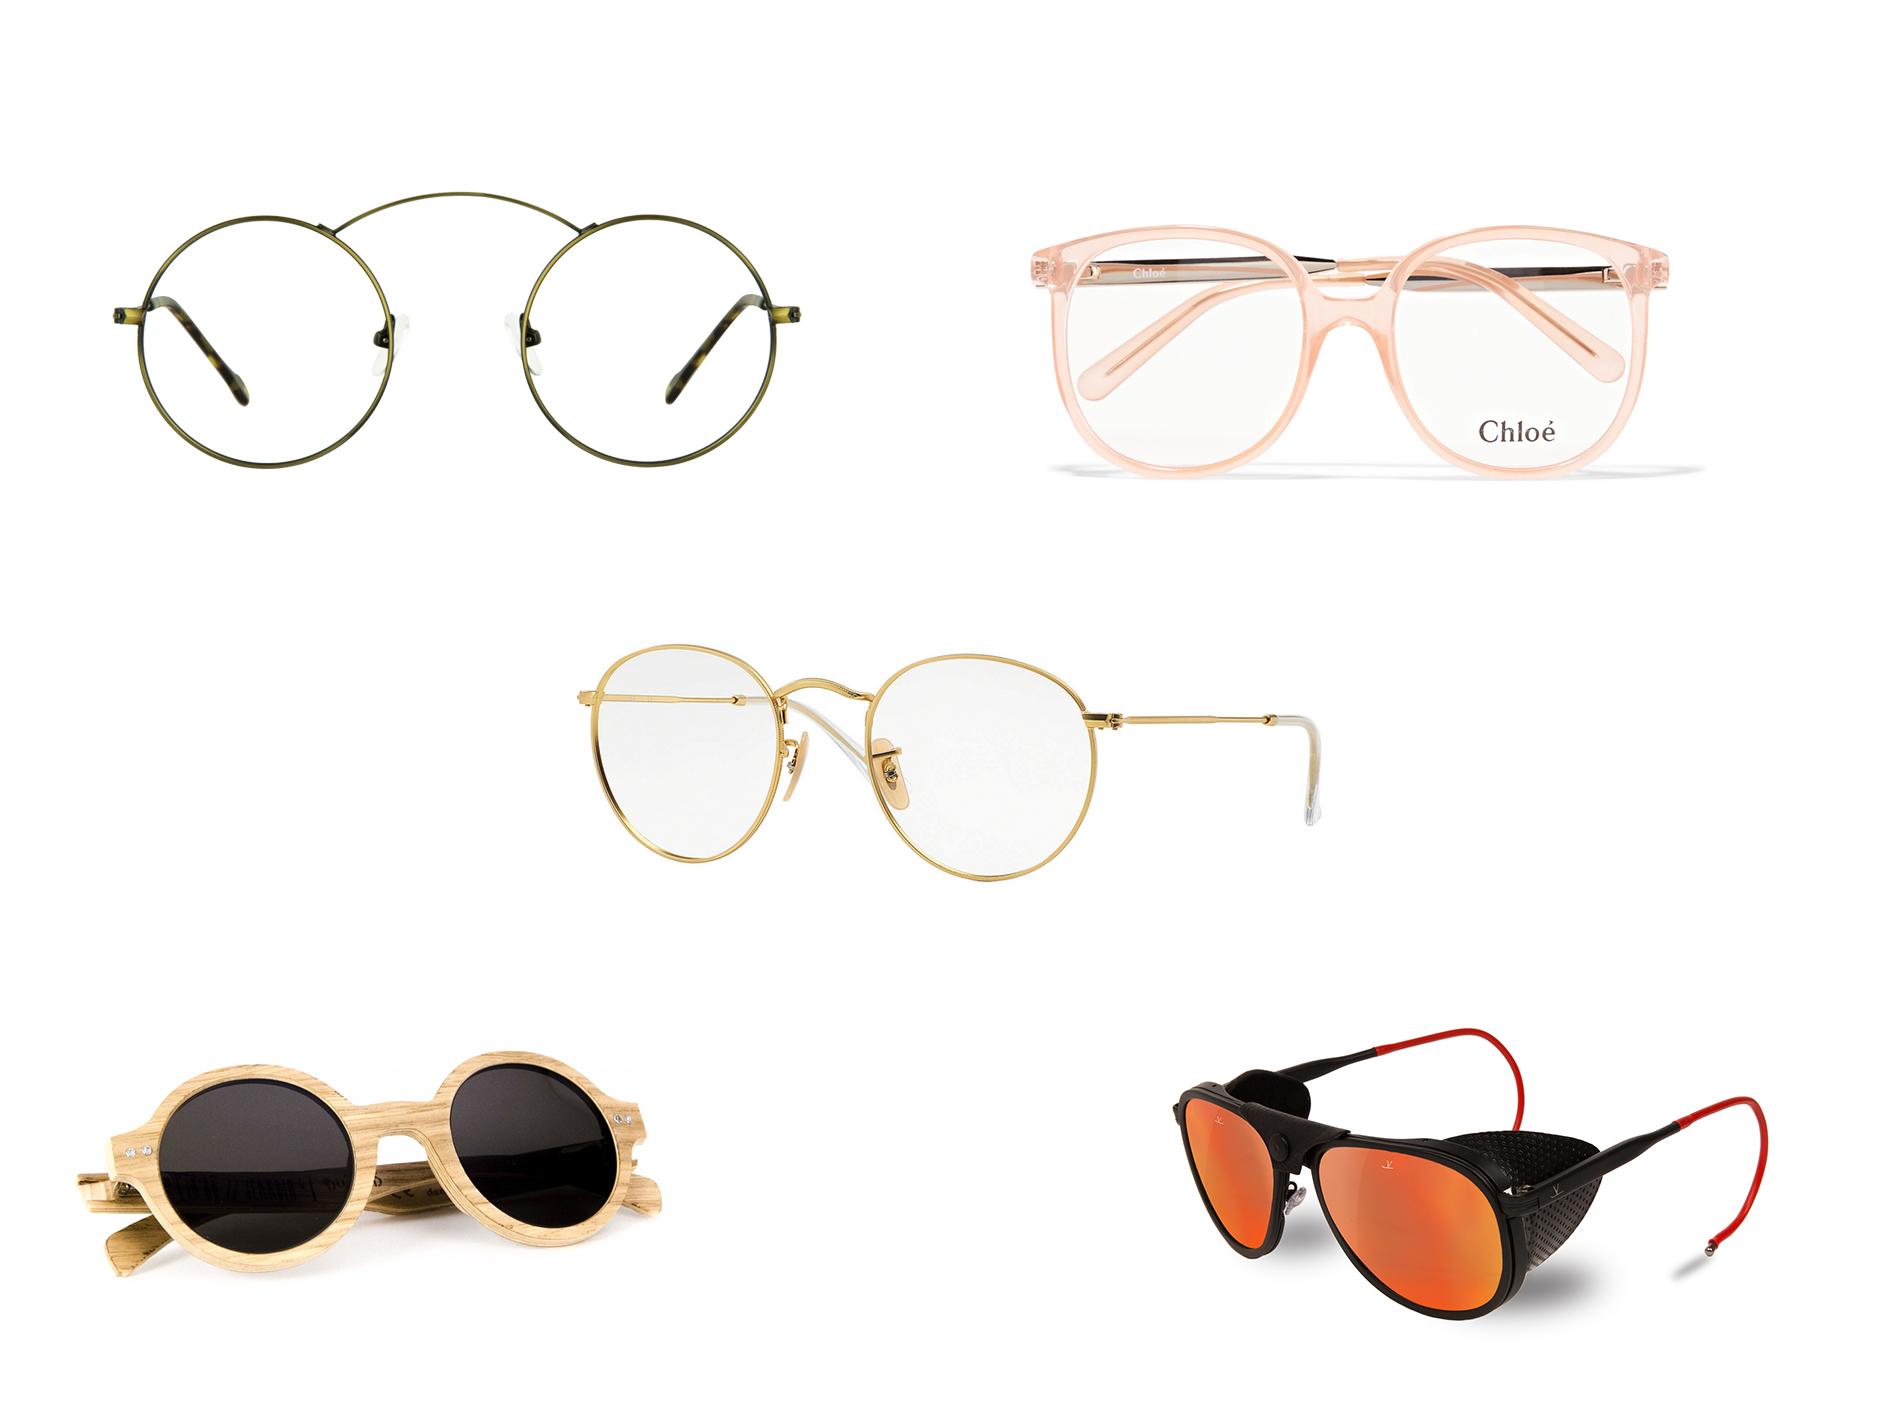 Rondes, bois, plexi... Les tendances lunettes en 2017 6959a0491991